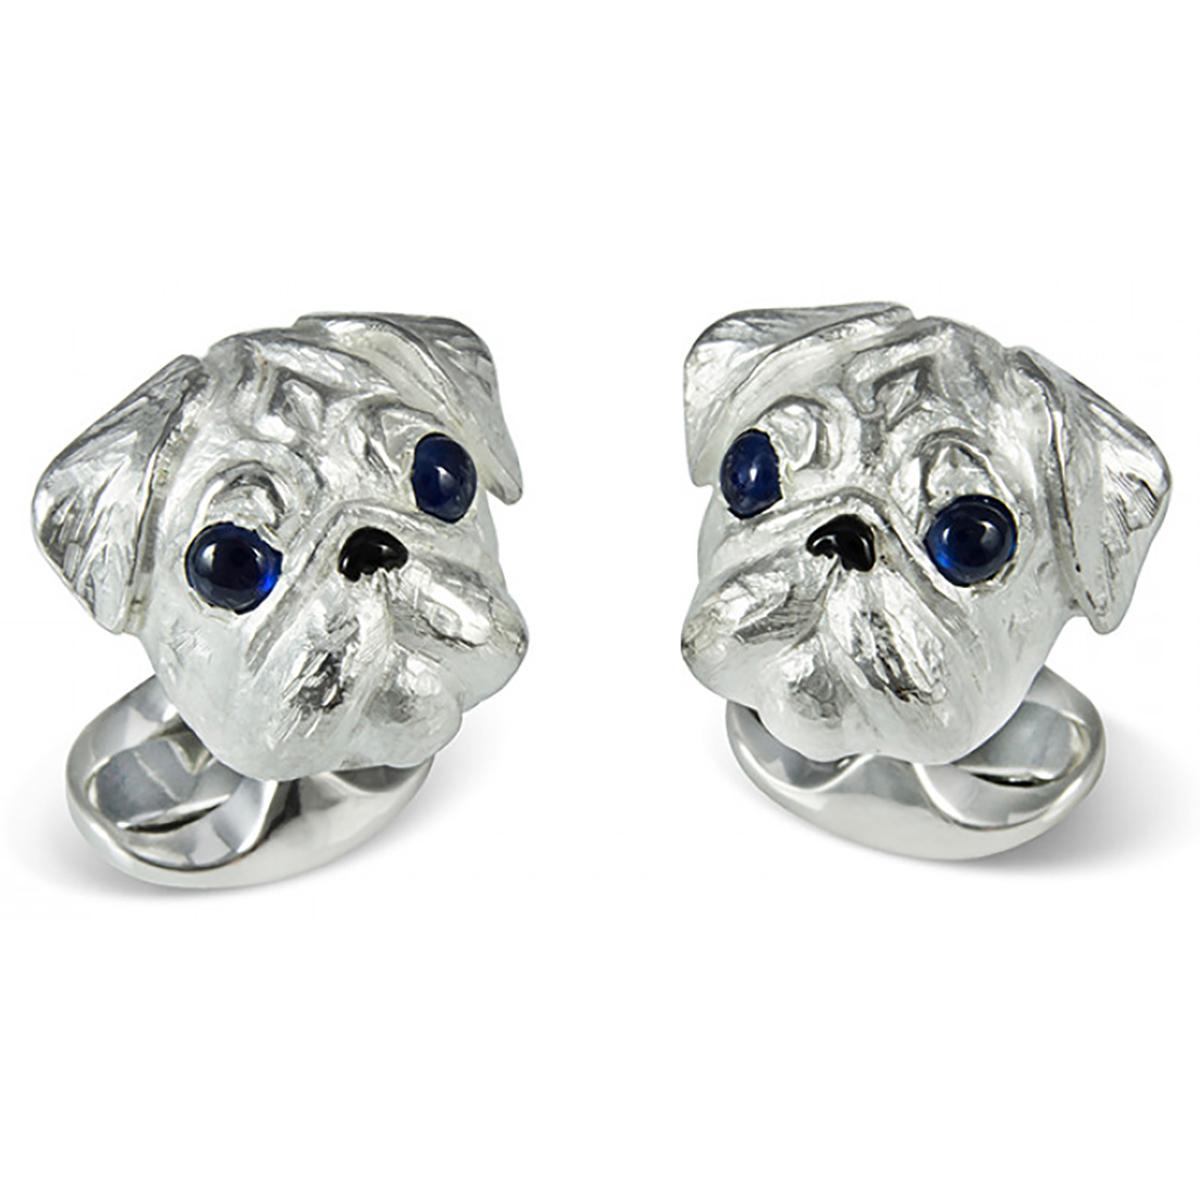 Silver Toned Pug Dog Cufflinks